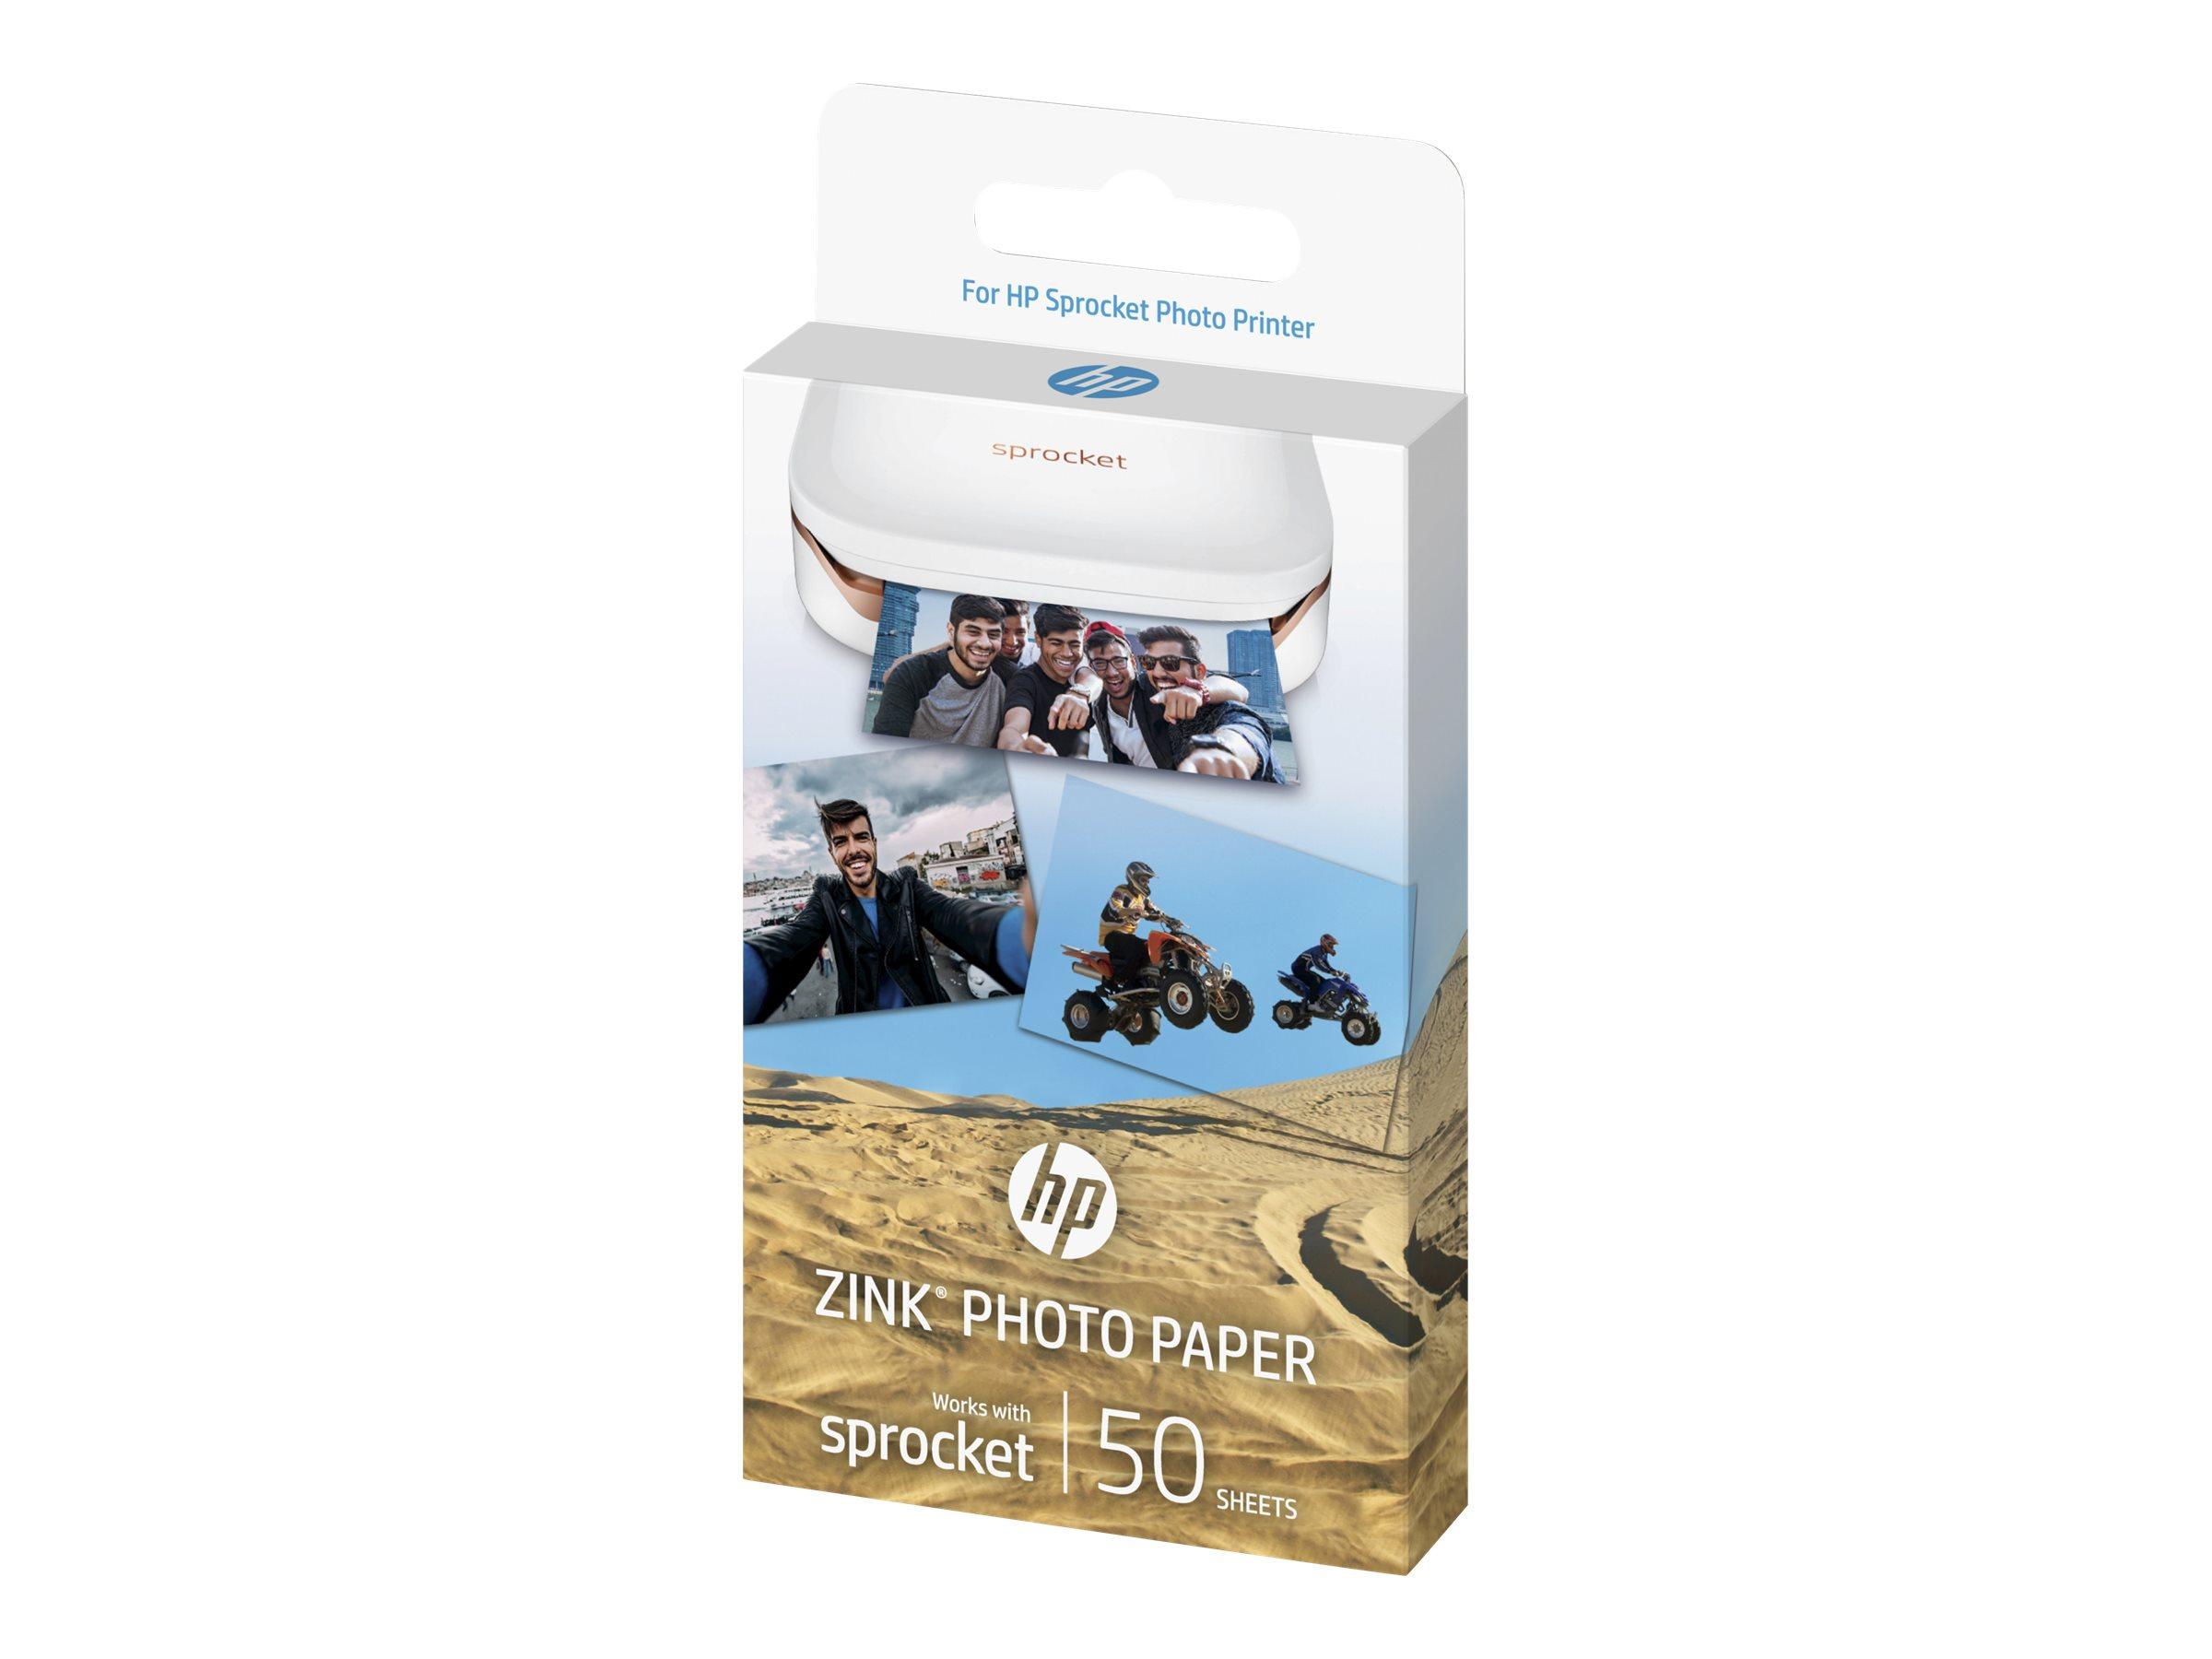 HP ZINK Sticky-Backed Photo Paper - Selbstklebend - glänzende Ausführung - 51 x 76 mm - 290 g/m² - 10 Blatt Fotopapier (Packung